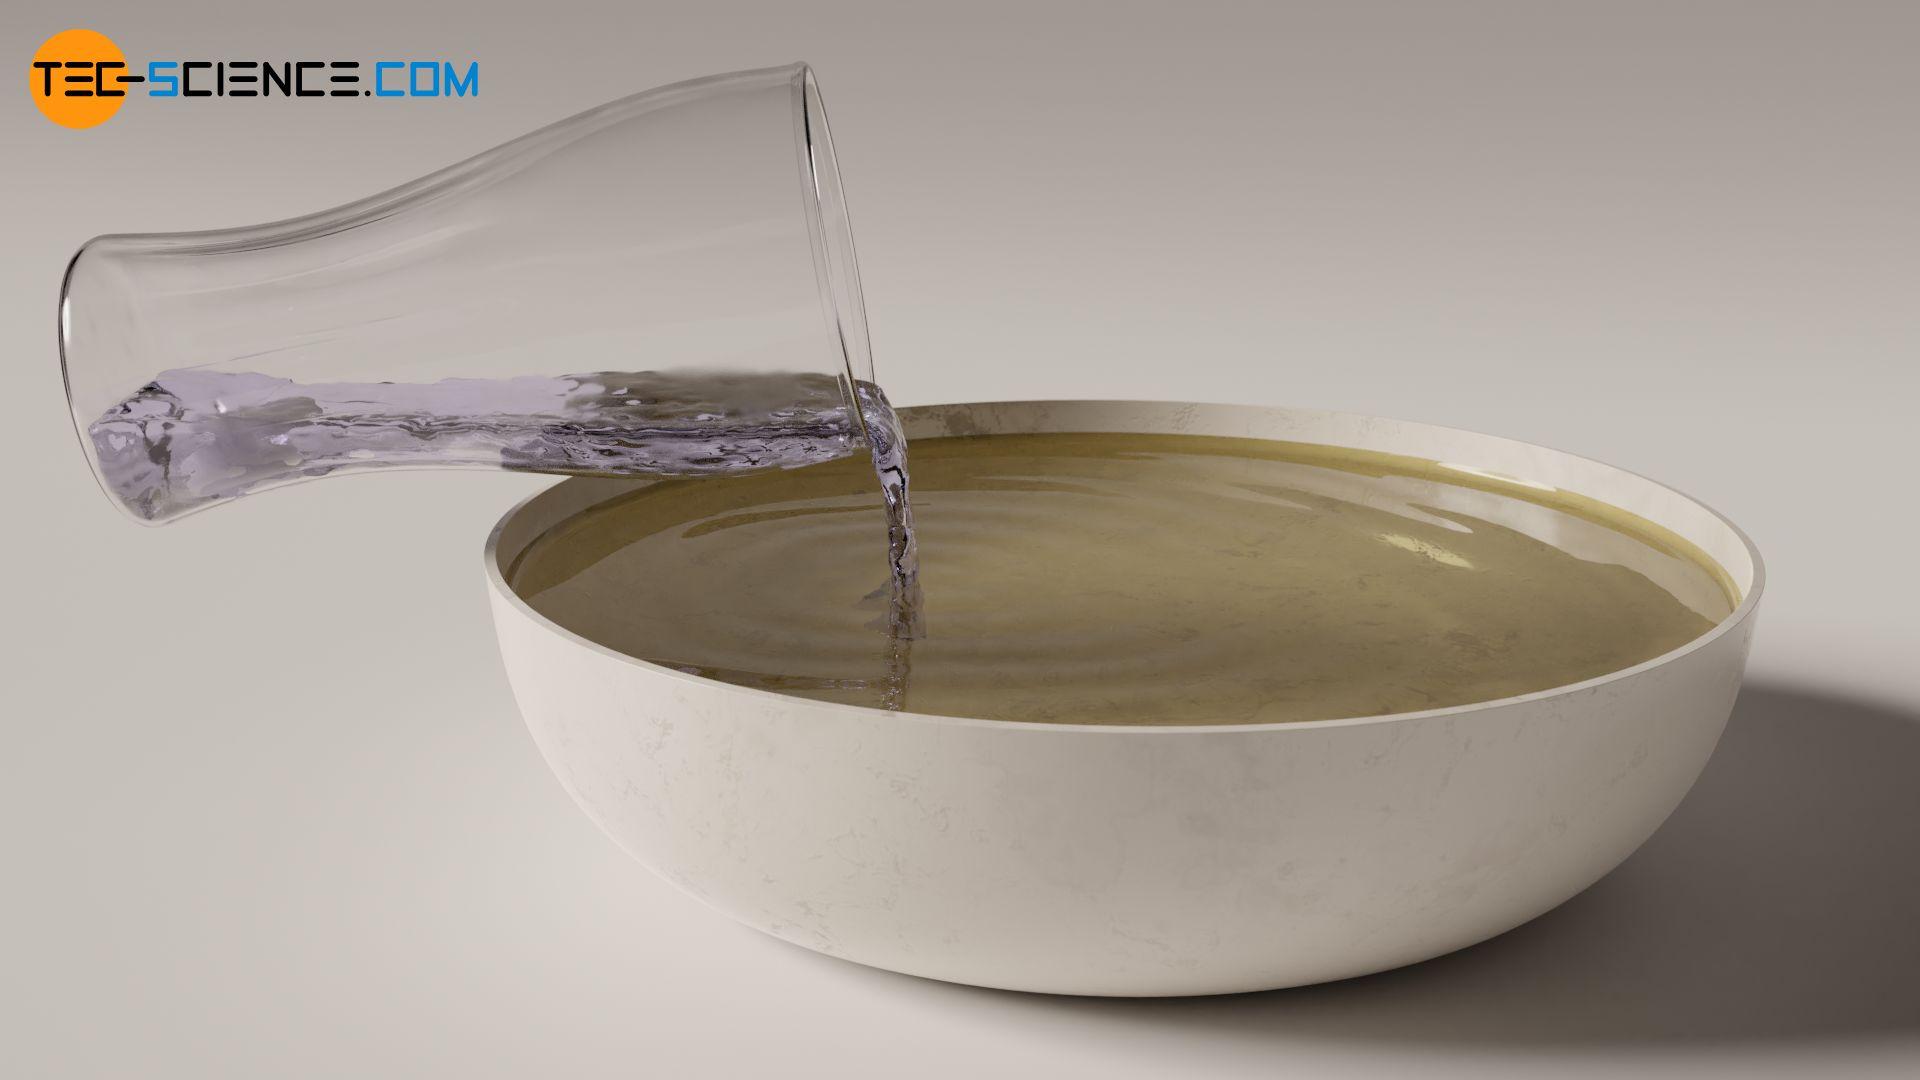 Final temperature when mixing two liquids